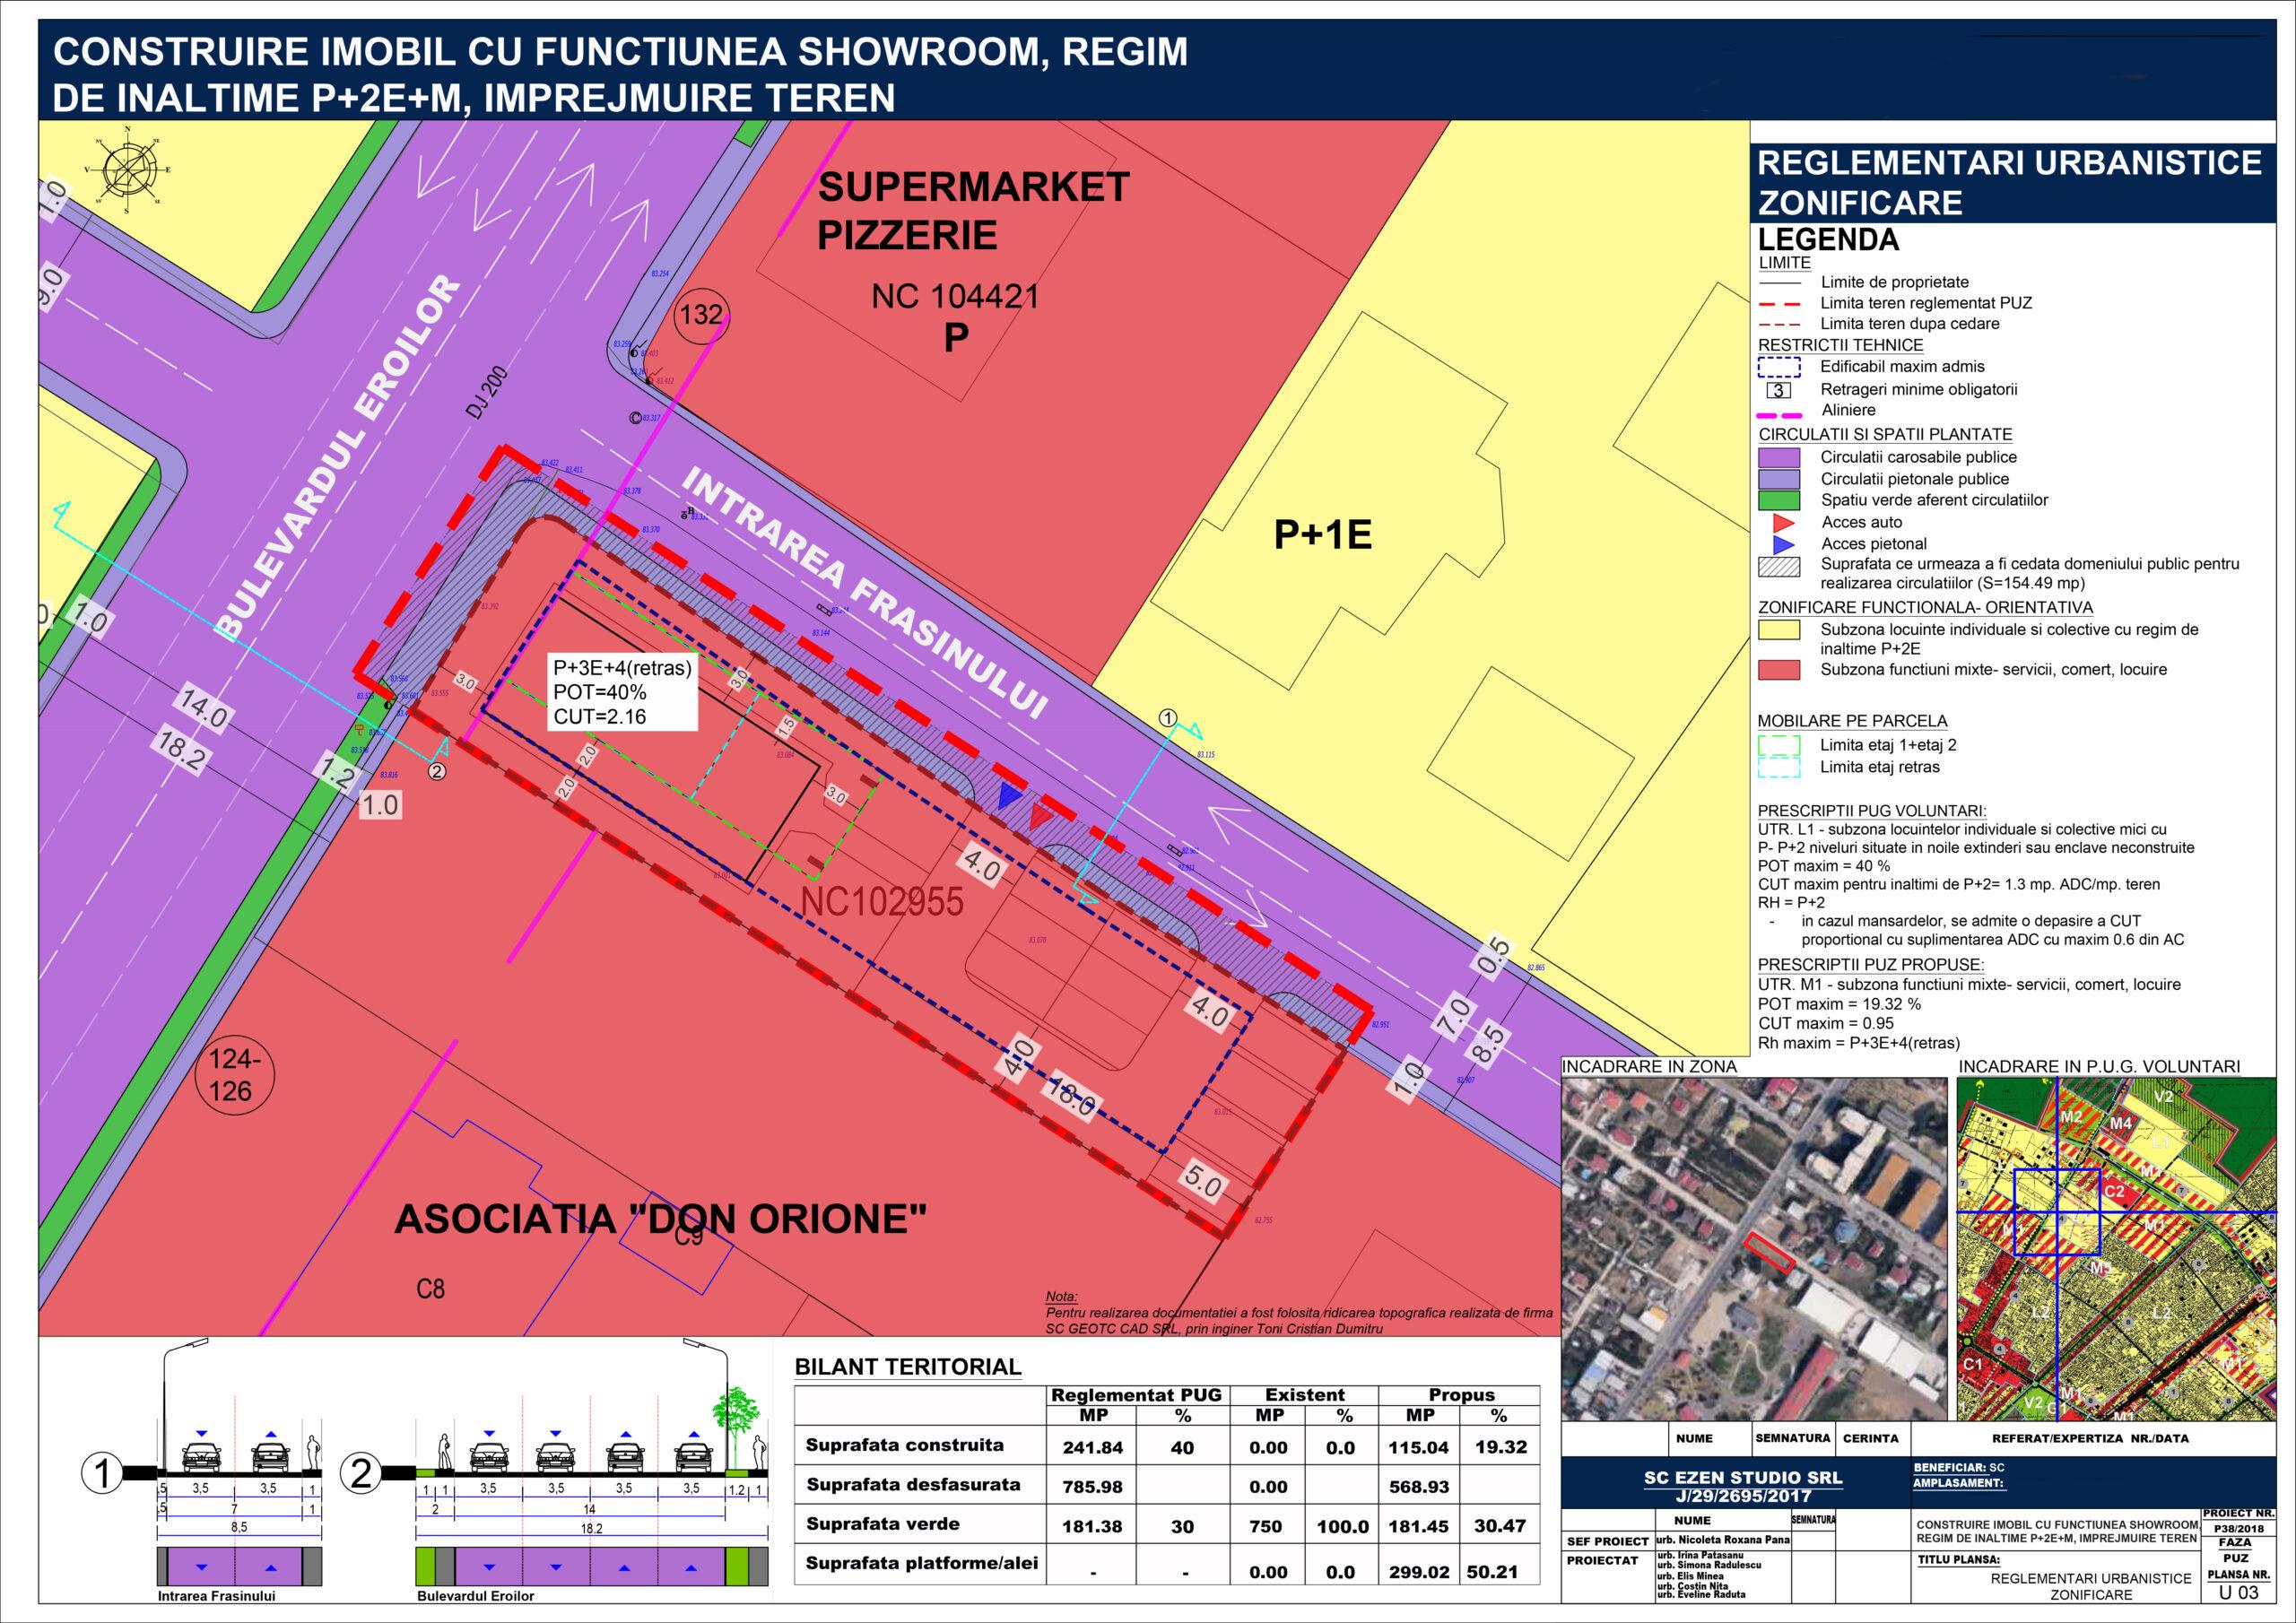 Continuare elaborare PUZ în vederea autorizării obiectivului de investiție - Construire imobil clădire cu regim de înălțime Ds+P+3E+ER, cu funcțiune mixtă (showroom, comerț, birouri, locuințe), împrejmuire teren, racorduri/branșamente, utilități - U03 -Reglementări urbanistice zonificare - A2